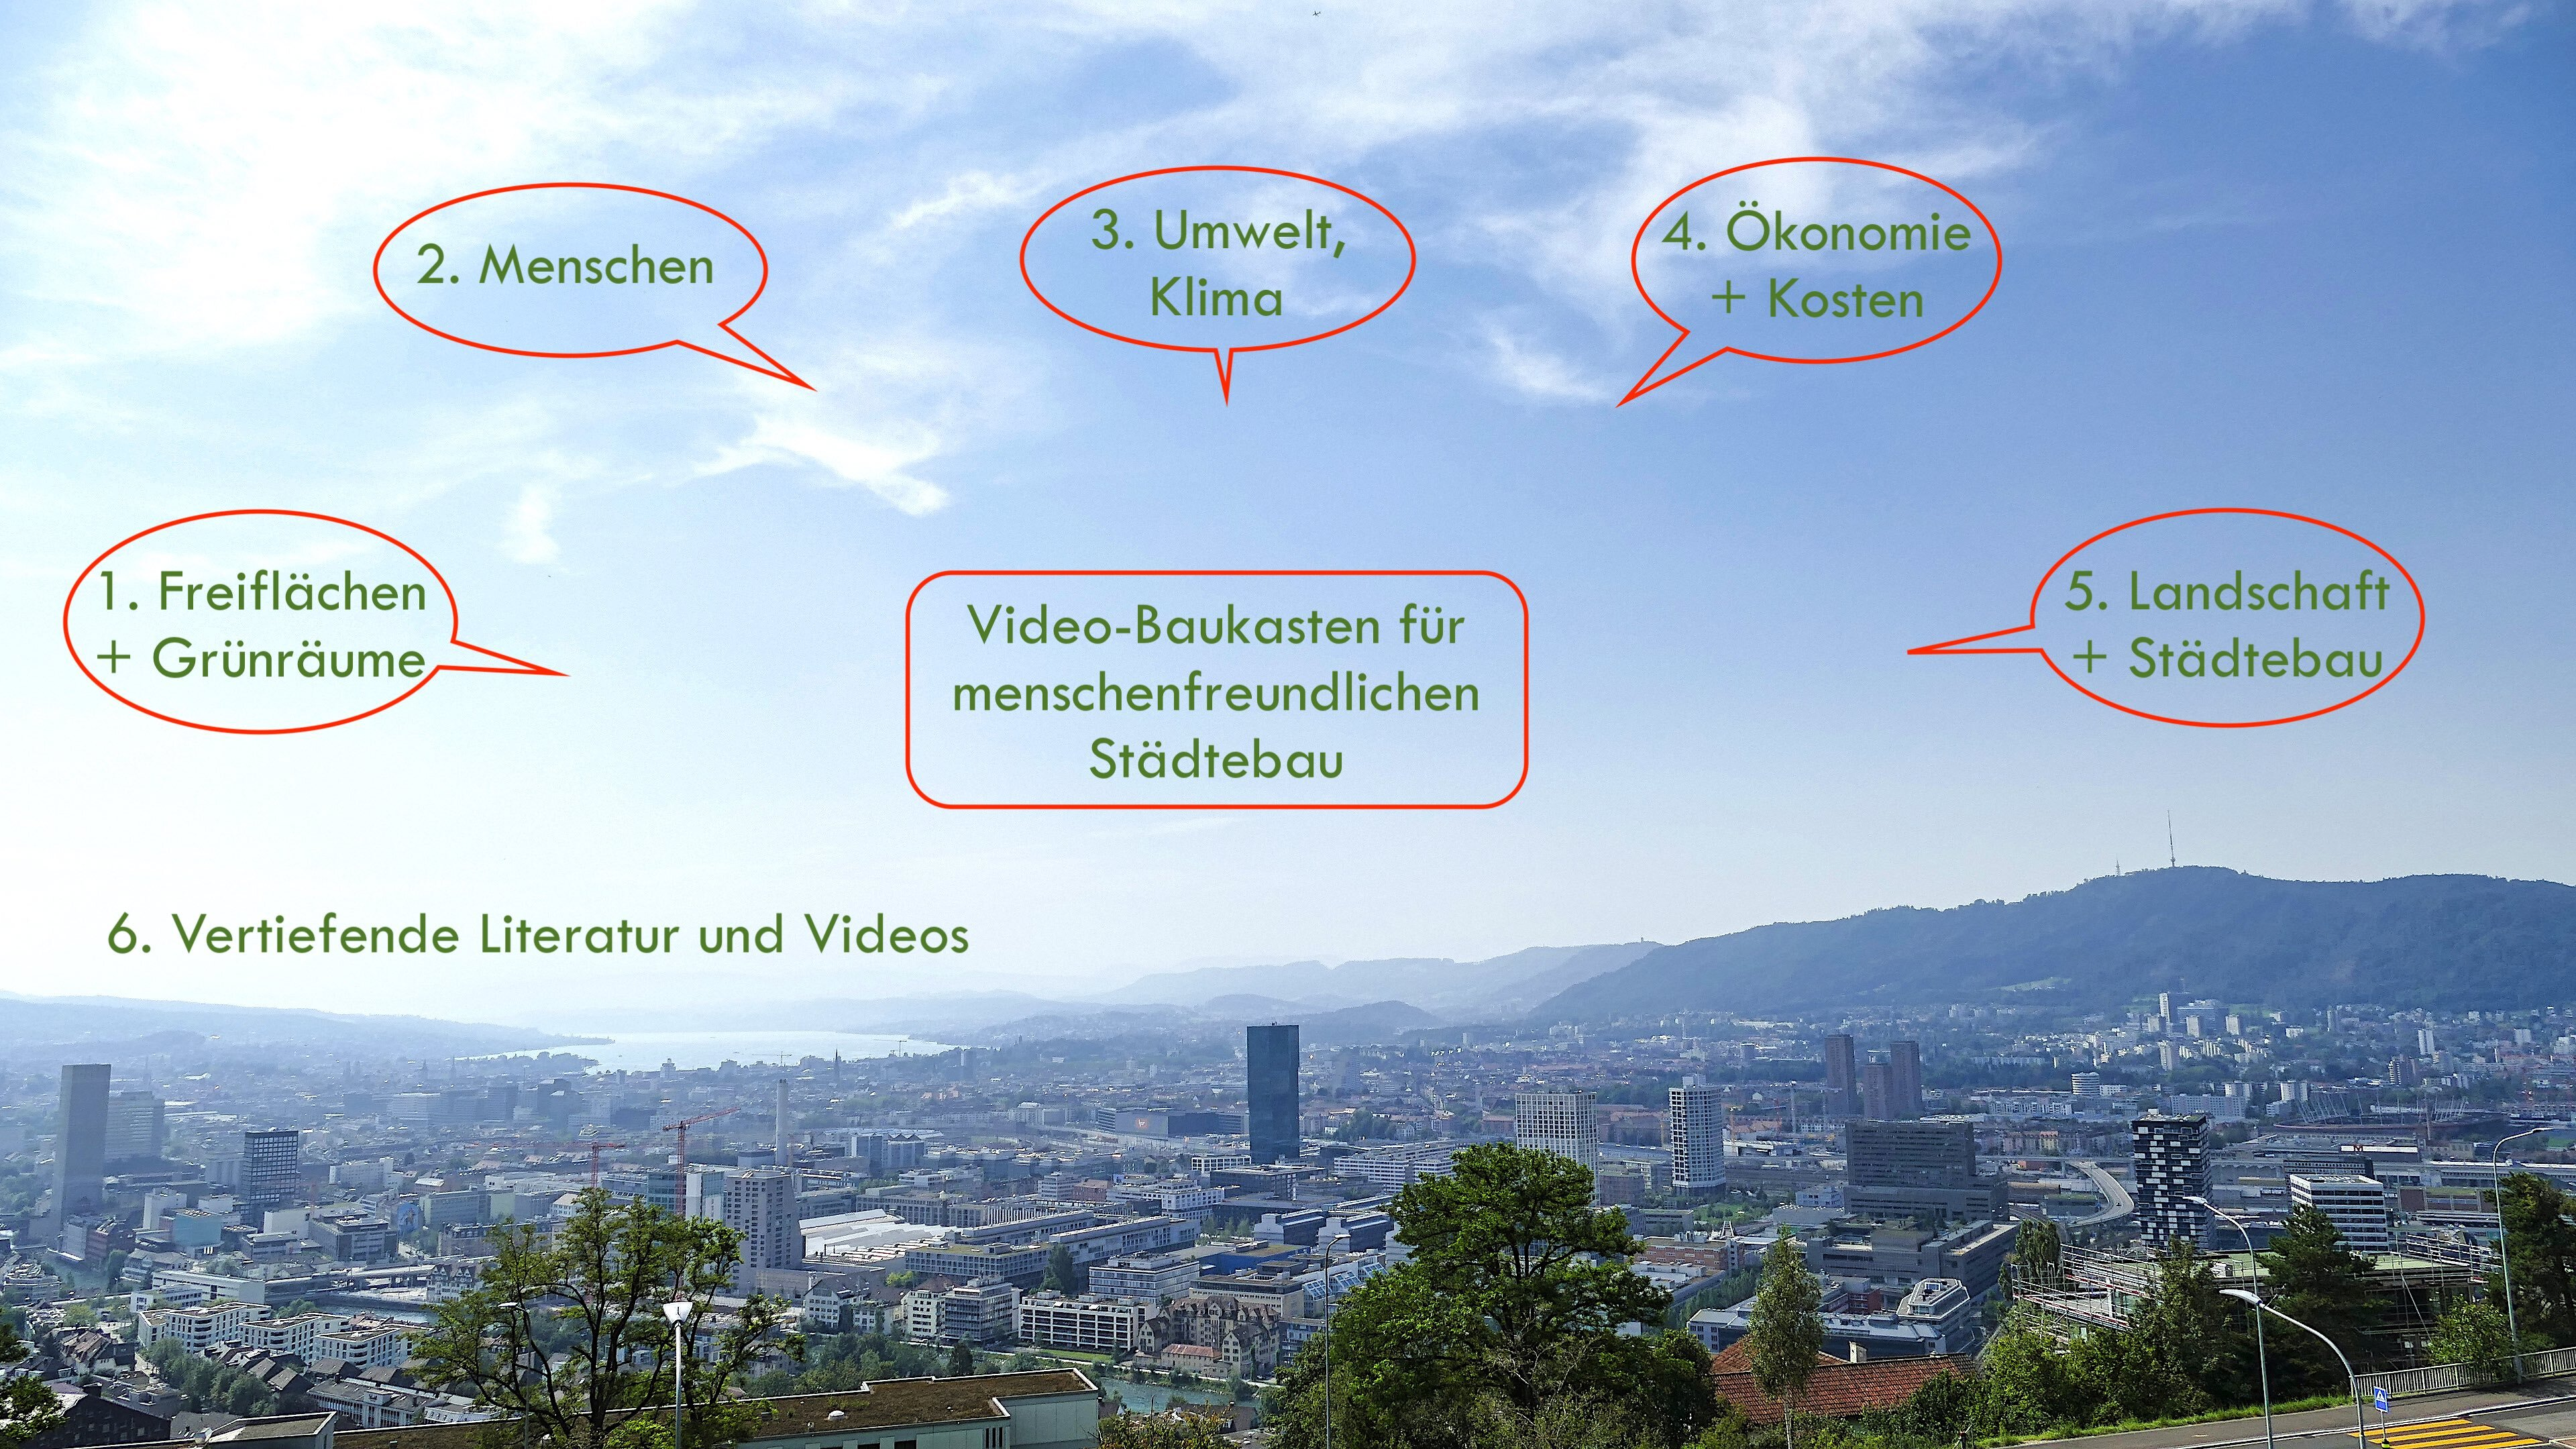 Video-Bausatz zu menschenfreundlichem Städtebau